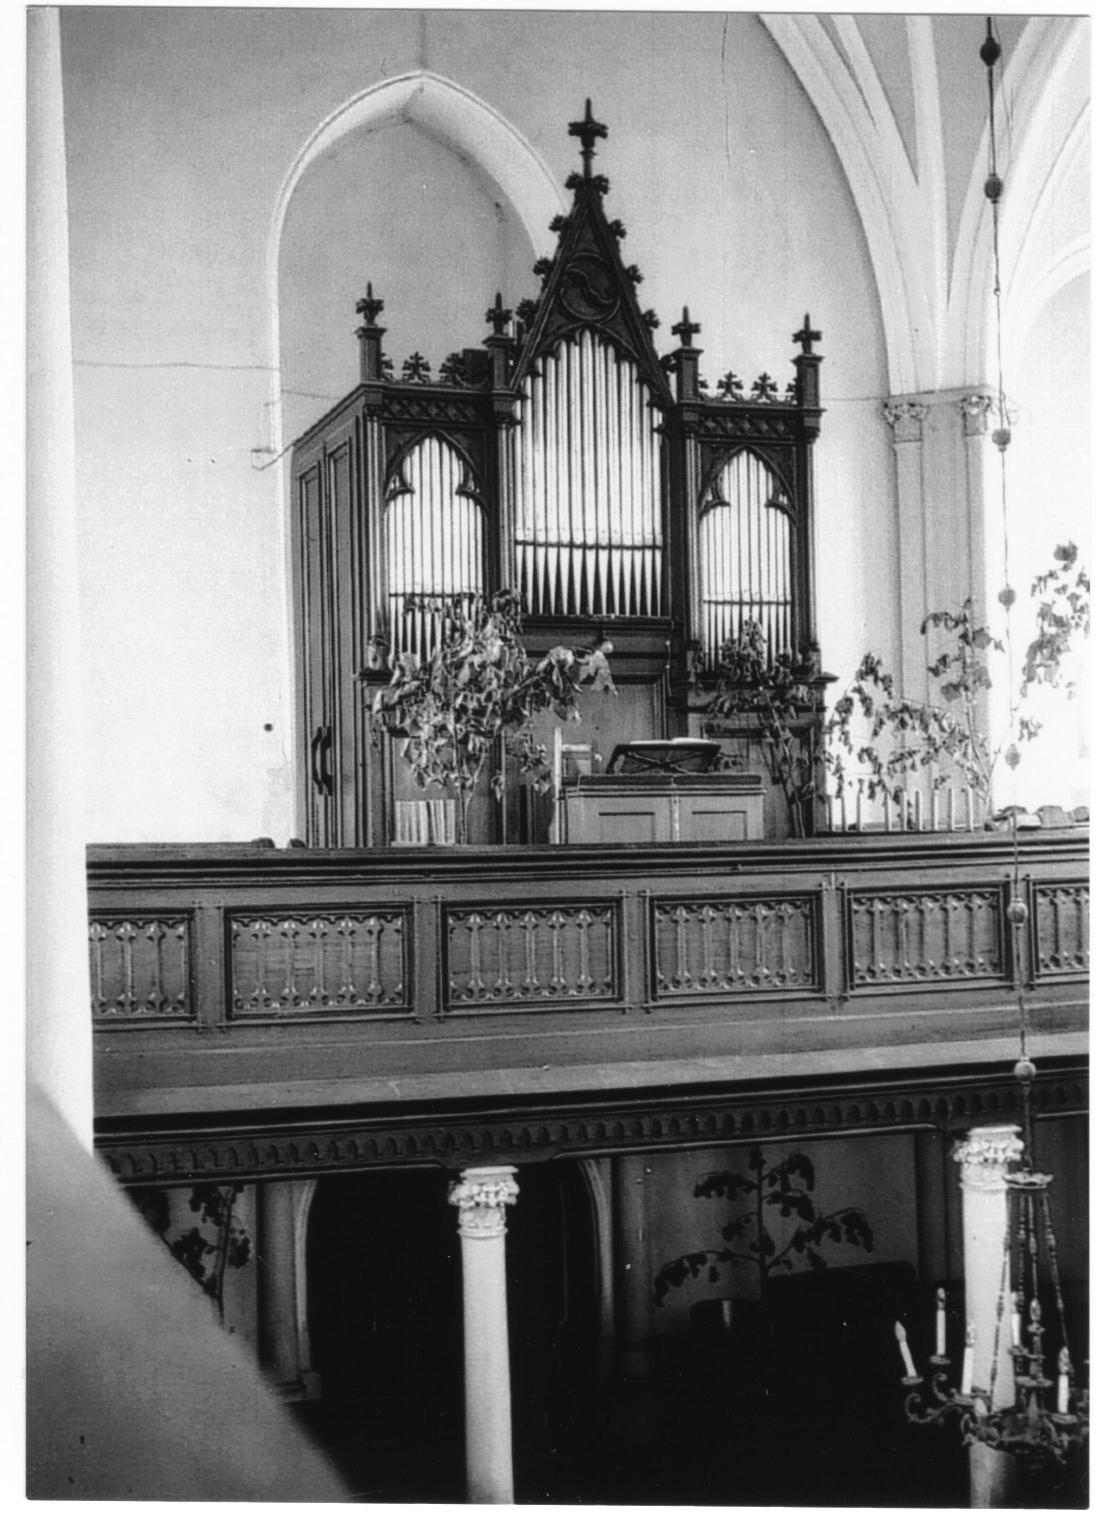 Pôvodný organ v evanjelickom kostole v Púchove pred r. 1953. Dnes sa nachádza v kostole z r. 1904 v obci Liptovský Ondrej.